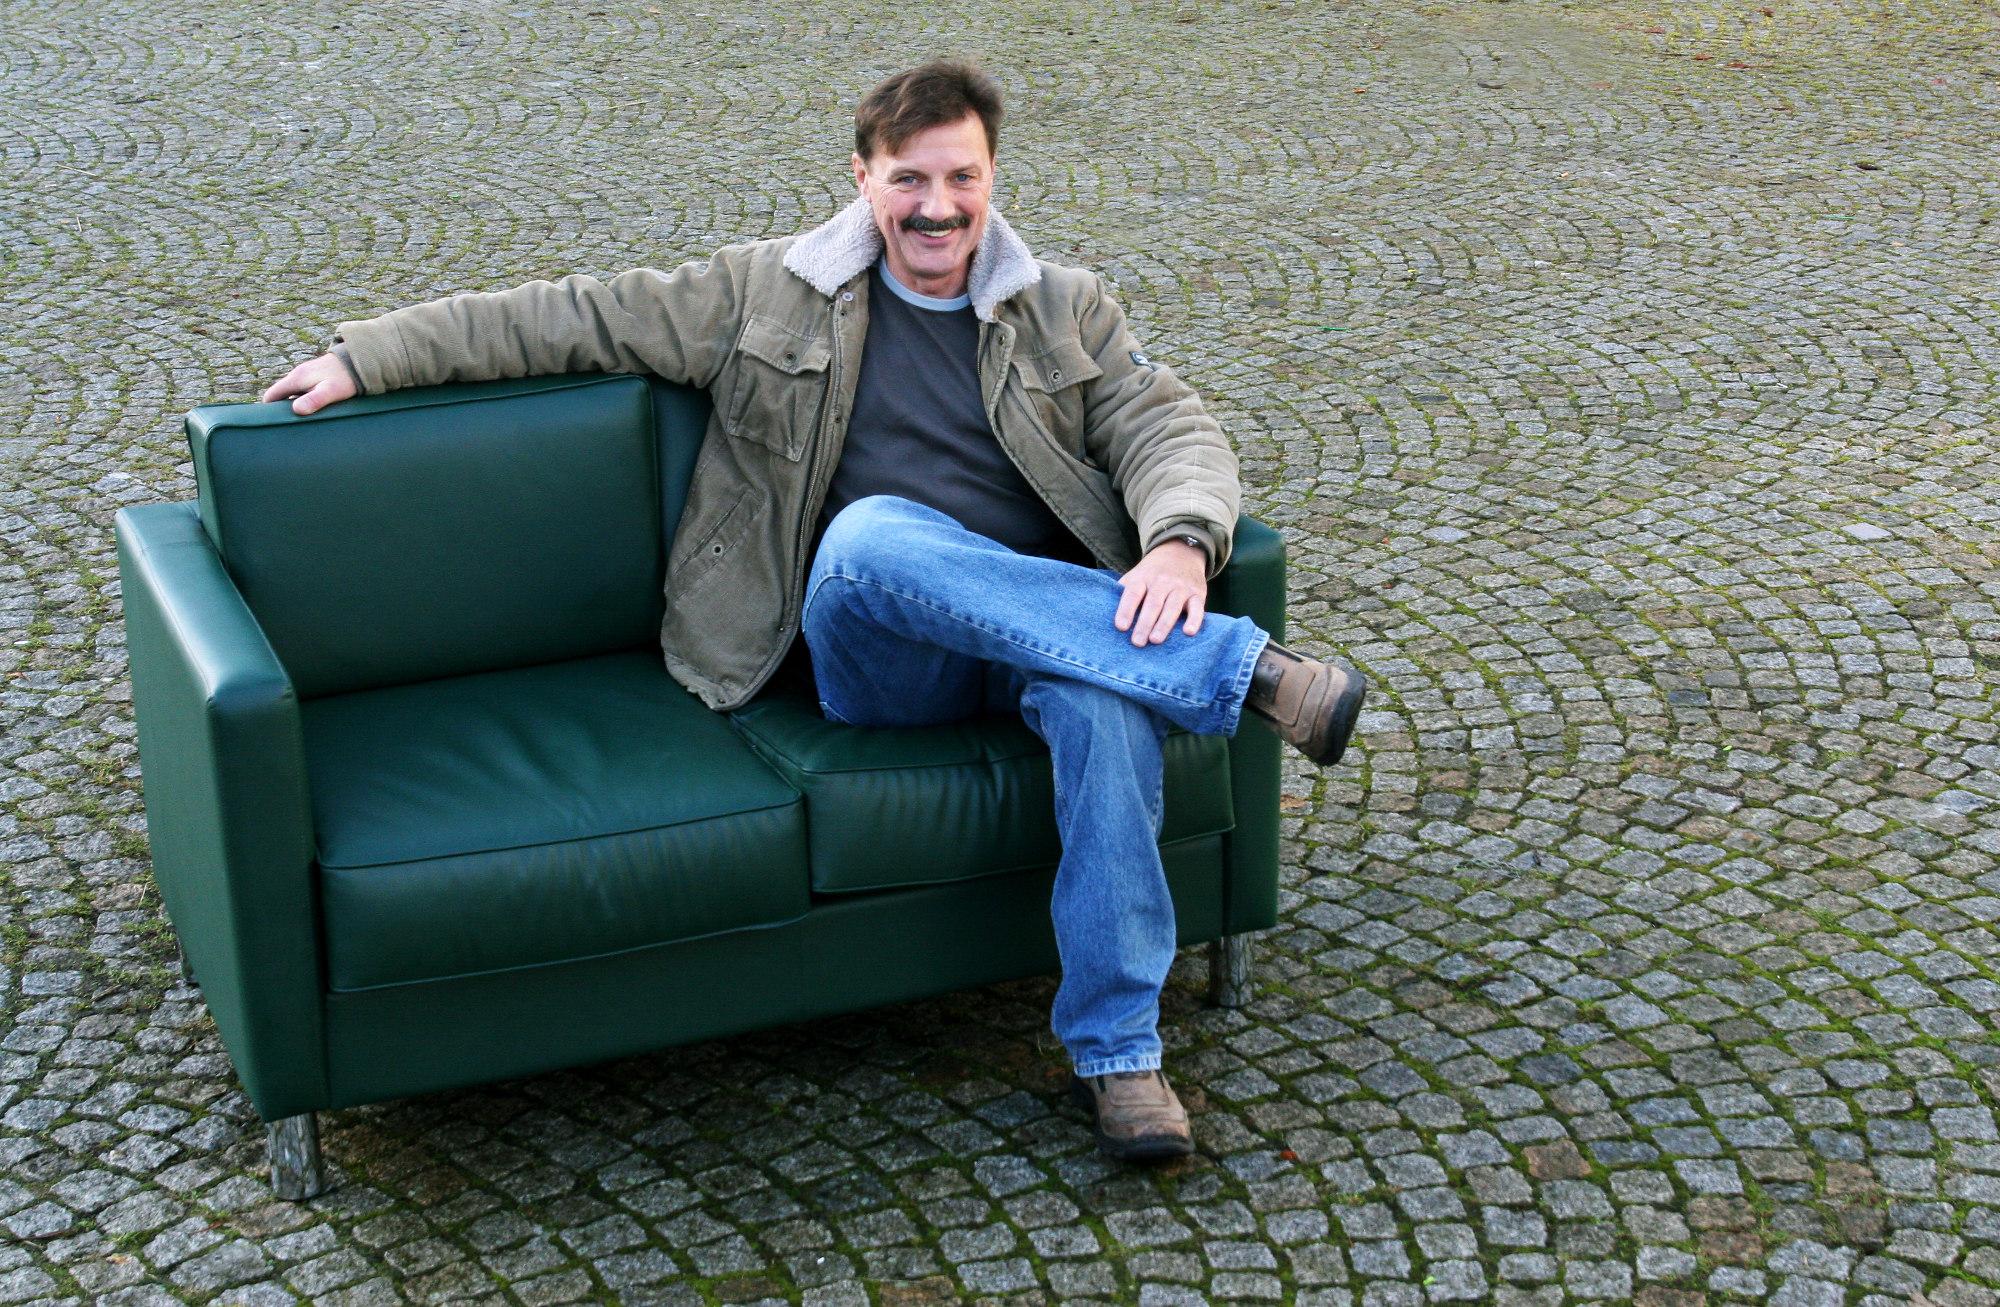 Jonny Remer liest auf dem Grünen Sofa